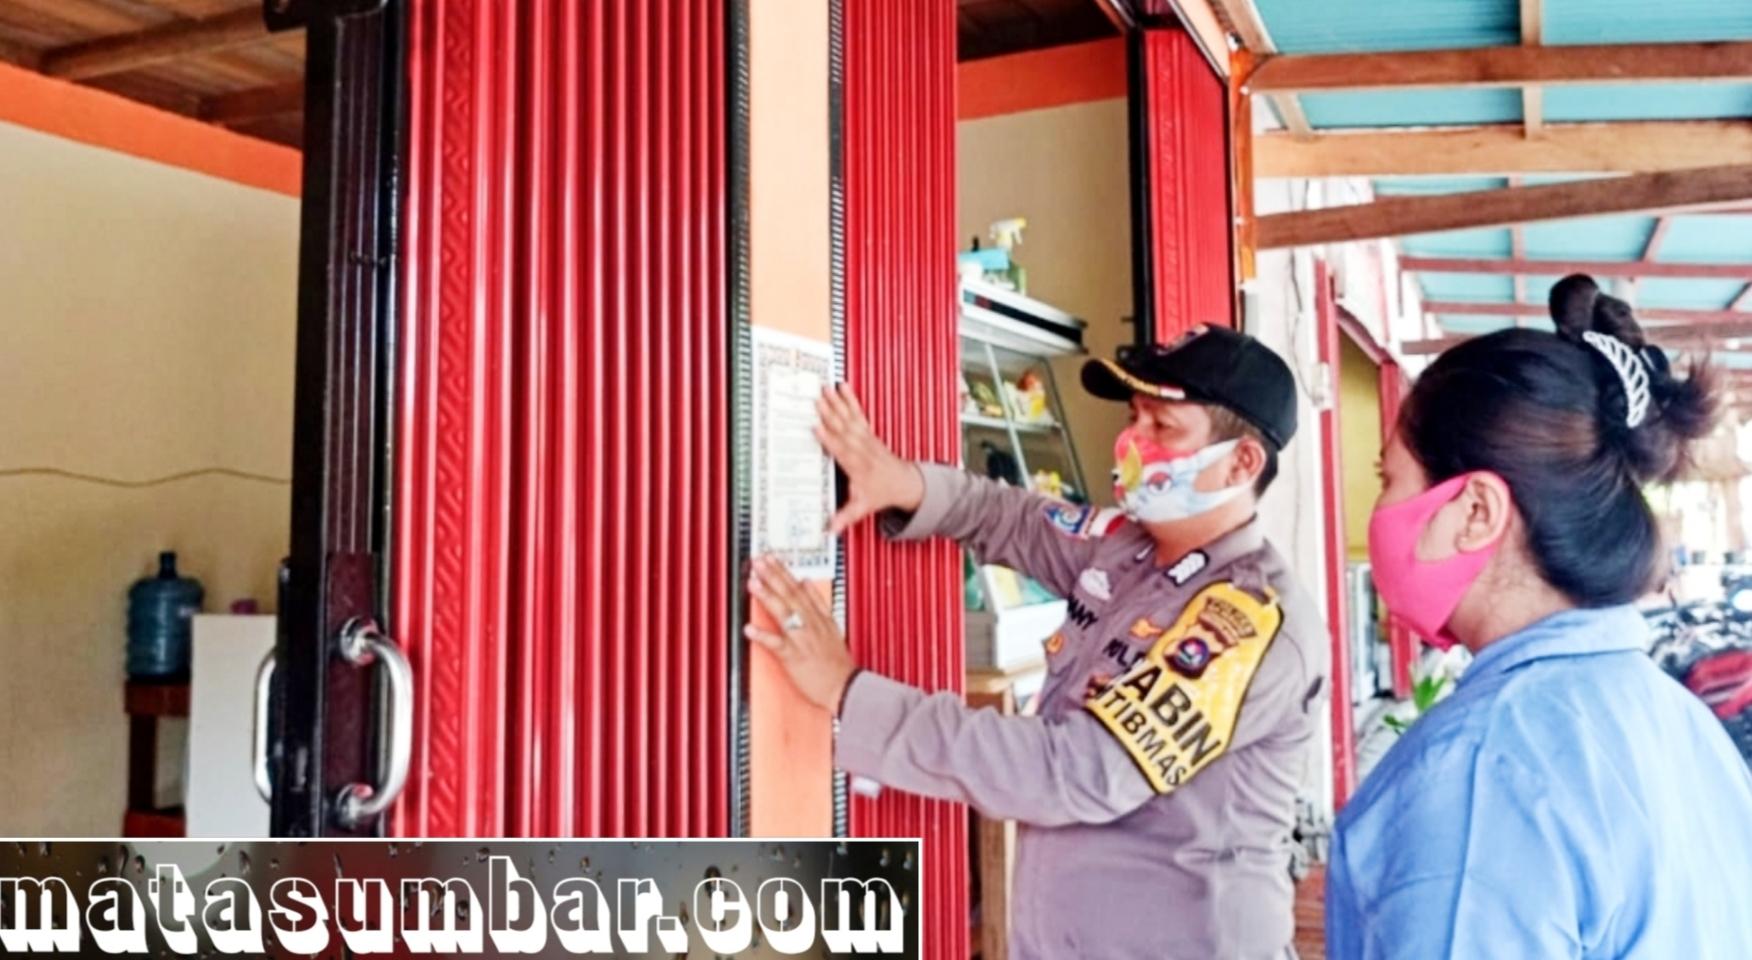 Kepatuhan Terhadap Prokes, Polsek Siberut Tempel Maklumat Kapolri di Tempat Umum